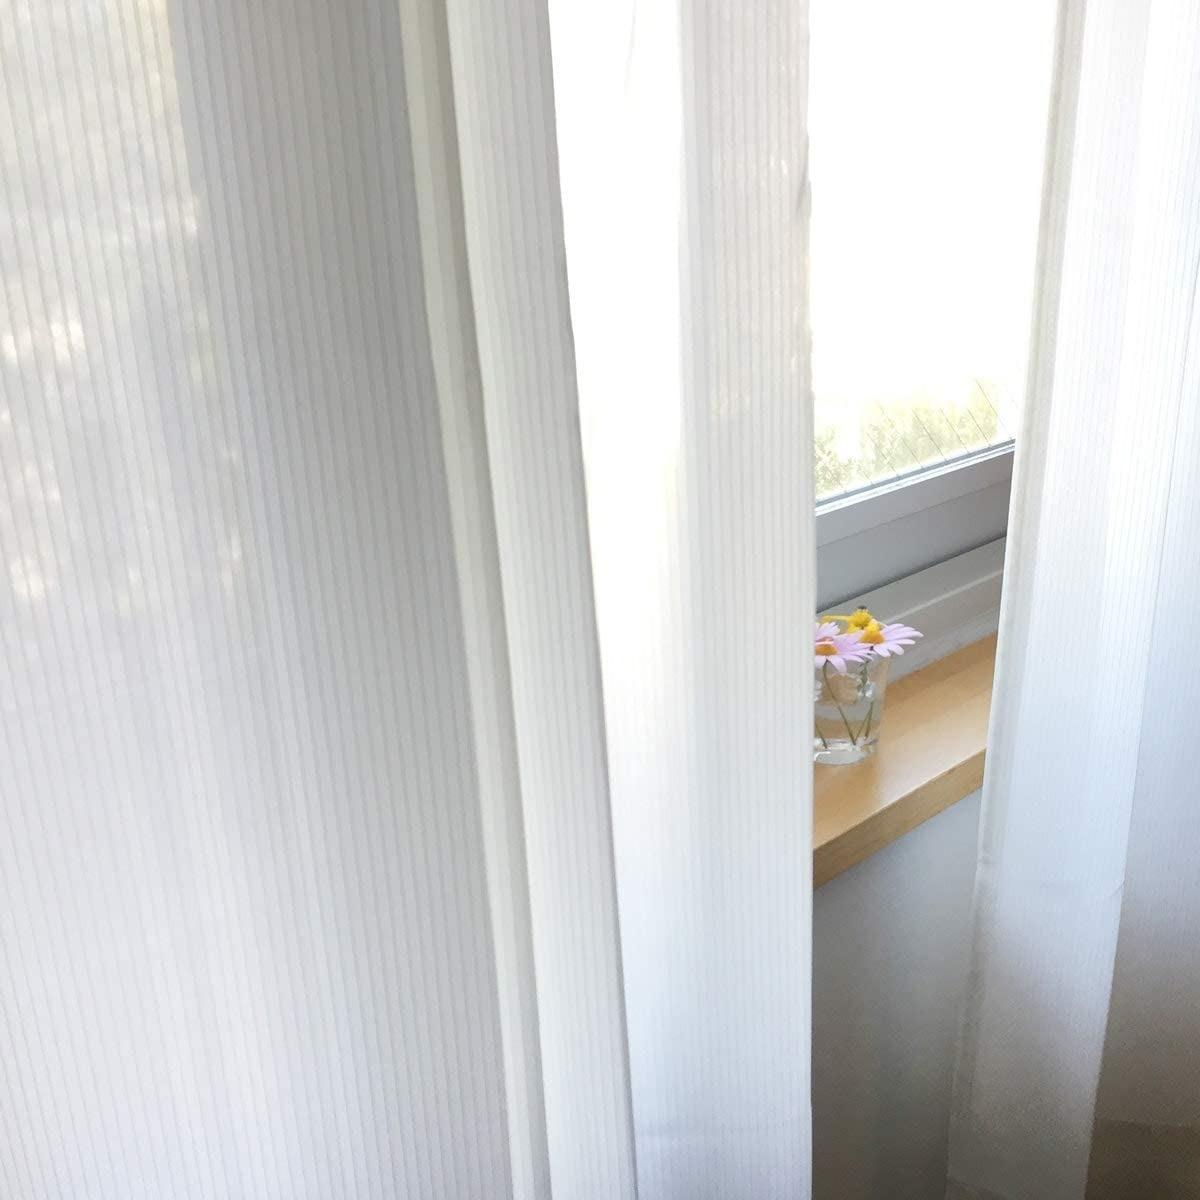 トリコ/アイボリー 遮像レースカーテン 遮熱・保温 UVカット 涼しや 形状記憶加工 ウォッシャブル カーテン 2枚入 / Aフック サイズ(幅×丈):100×188cm ksol-001-100-188